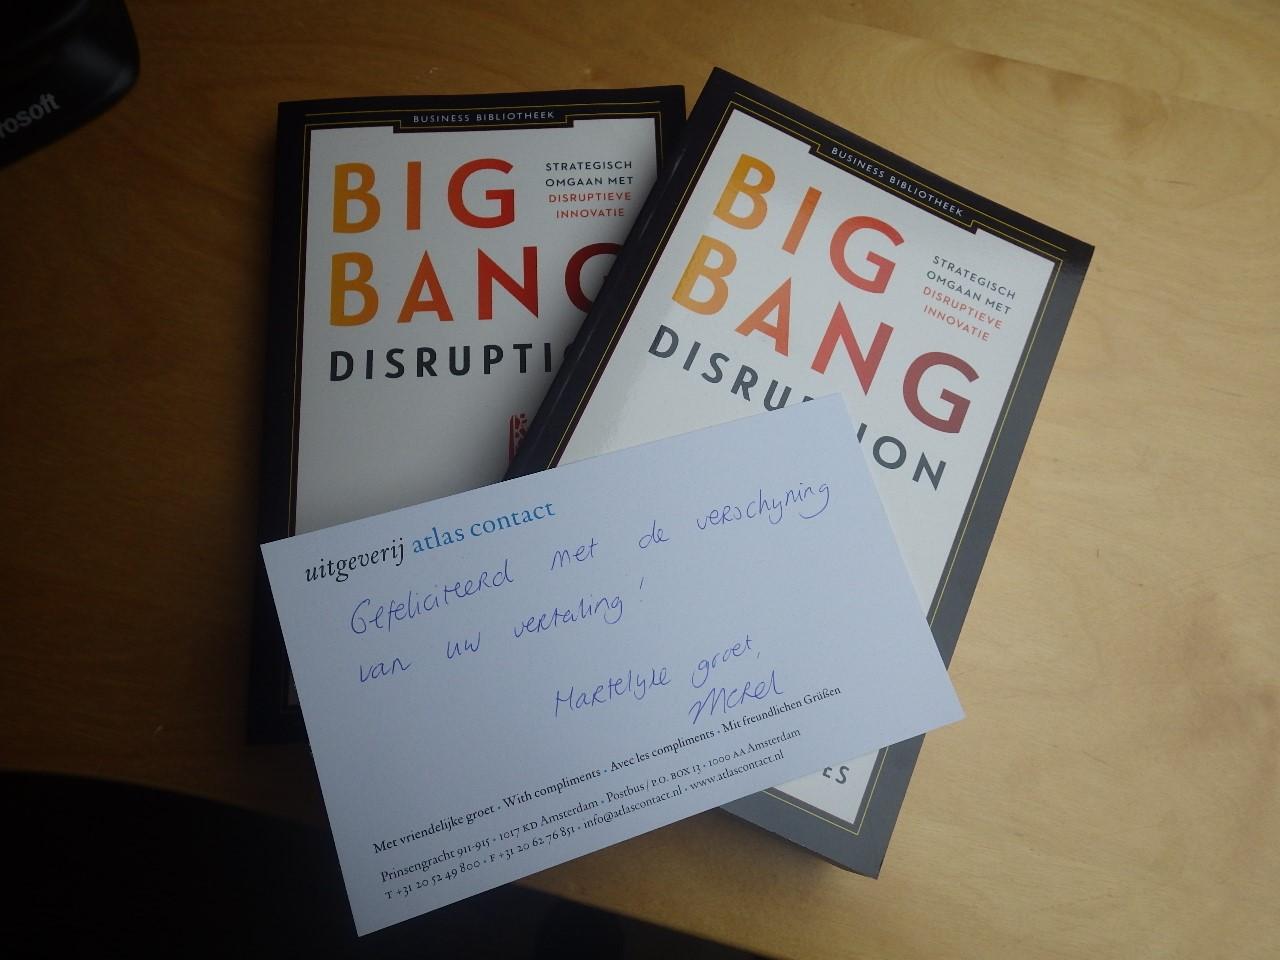 Verschijning van Big Bang Disruption